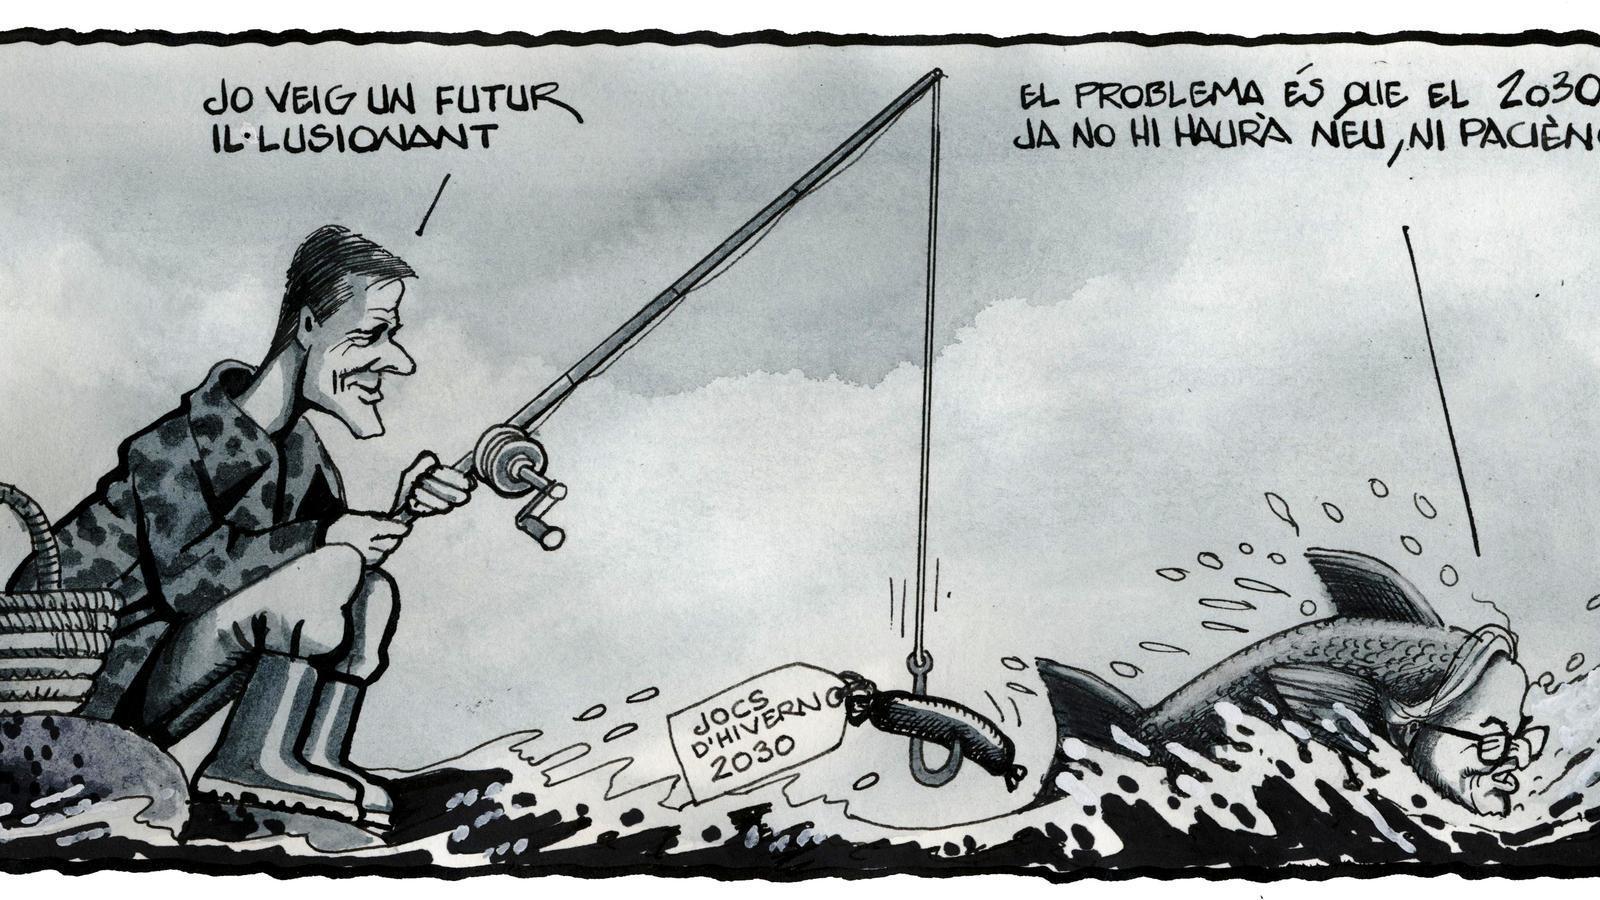 'A la contra', per Ferreres 09/02/2020